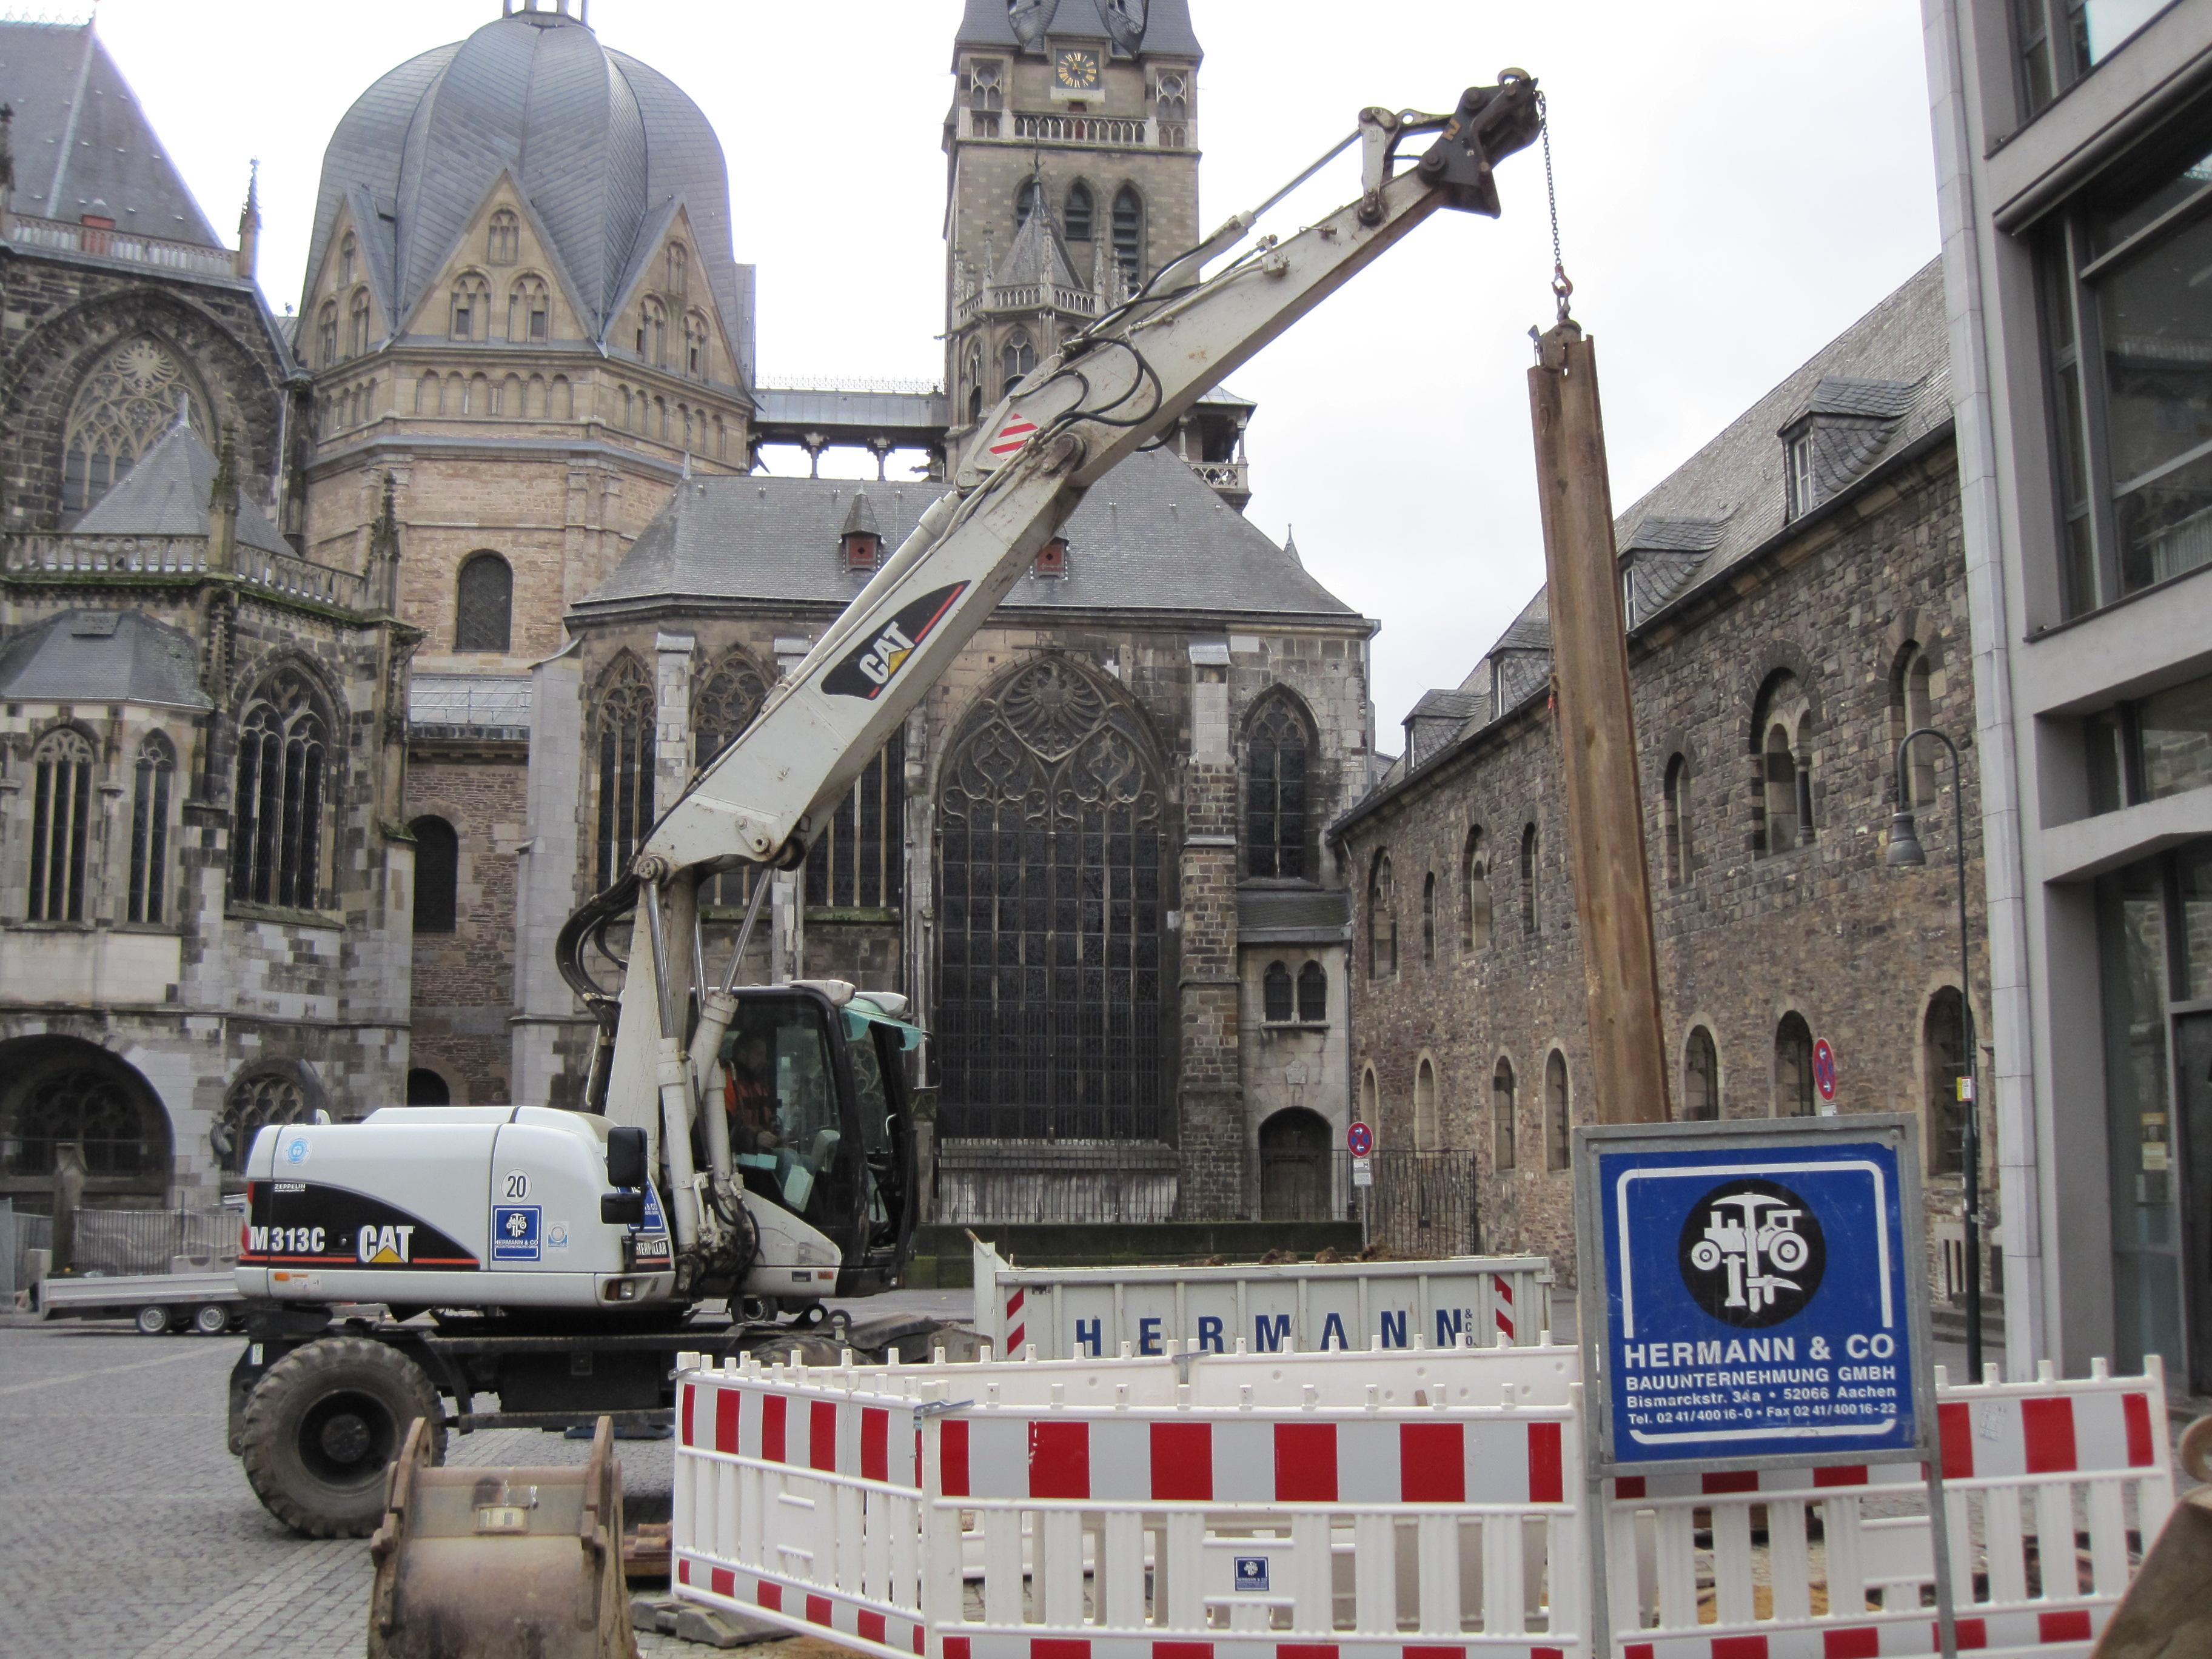 Bauunternehmen Aachen tief und kanalbau tiefbauunternehmen strabenbauunternehmen